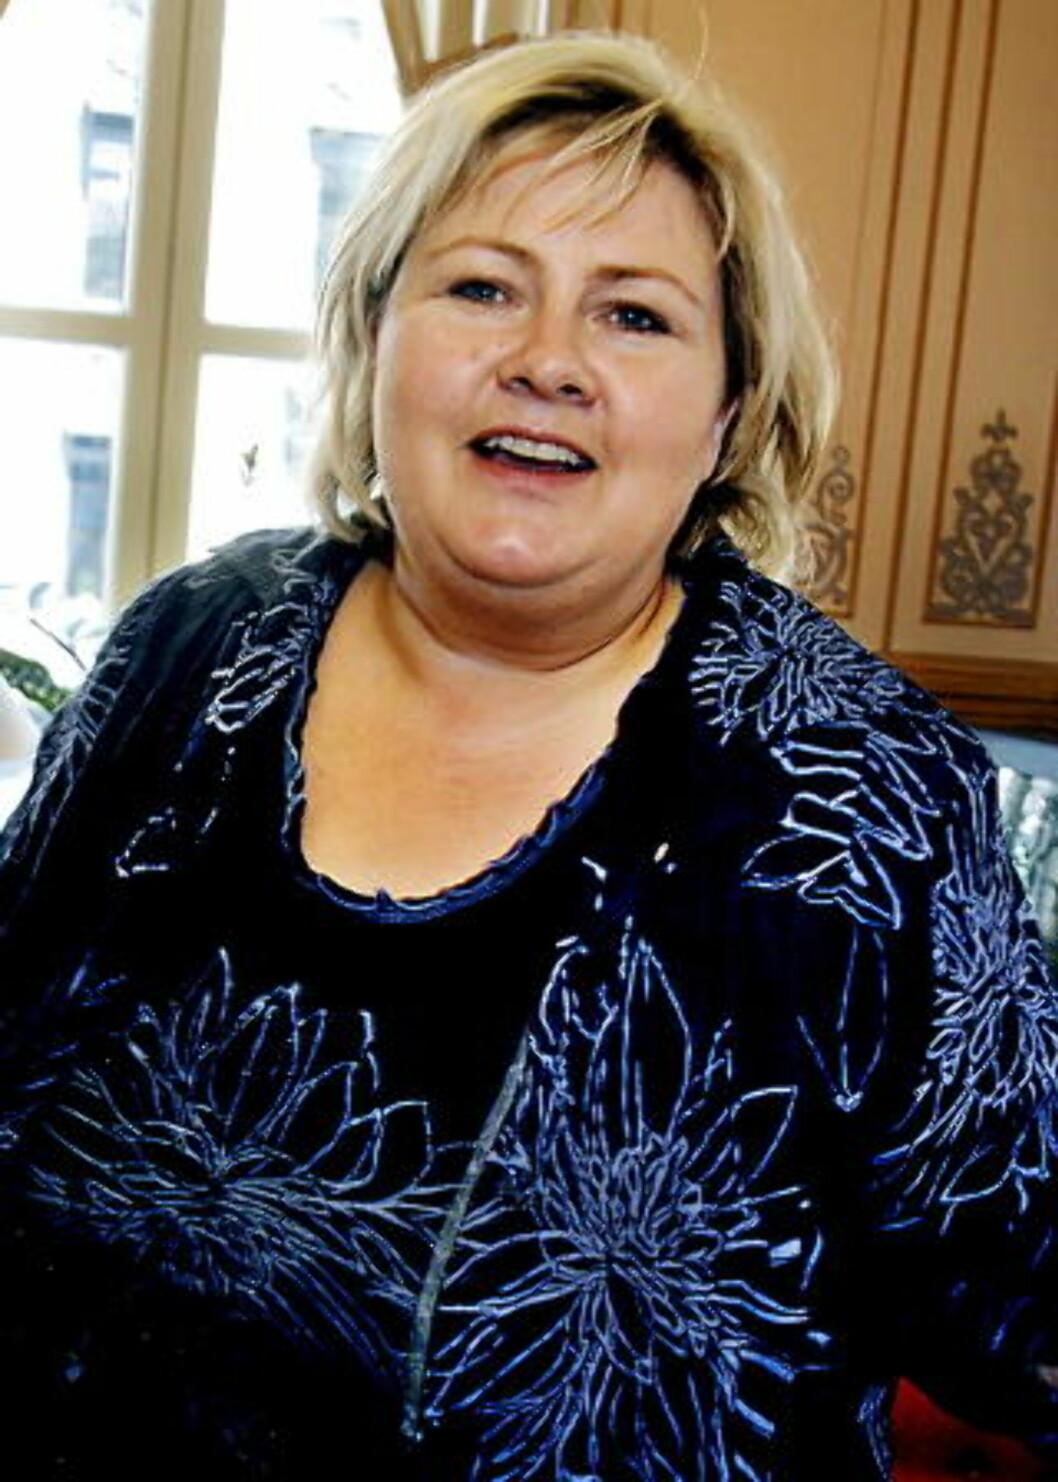 TROR PÅ STOLPROBLEMER: Høyre-leder Erna Solberg. Foto:  Jacques Hvistendahl/Dagbladet